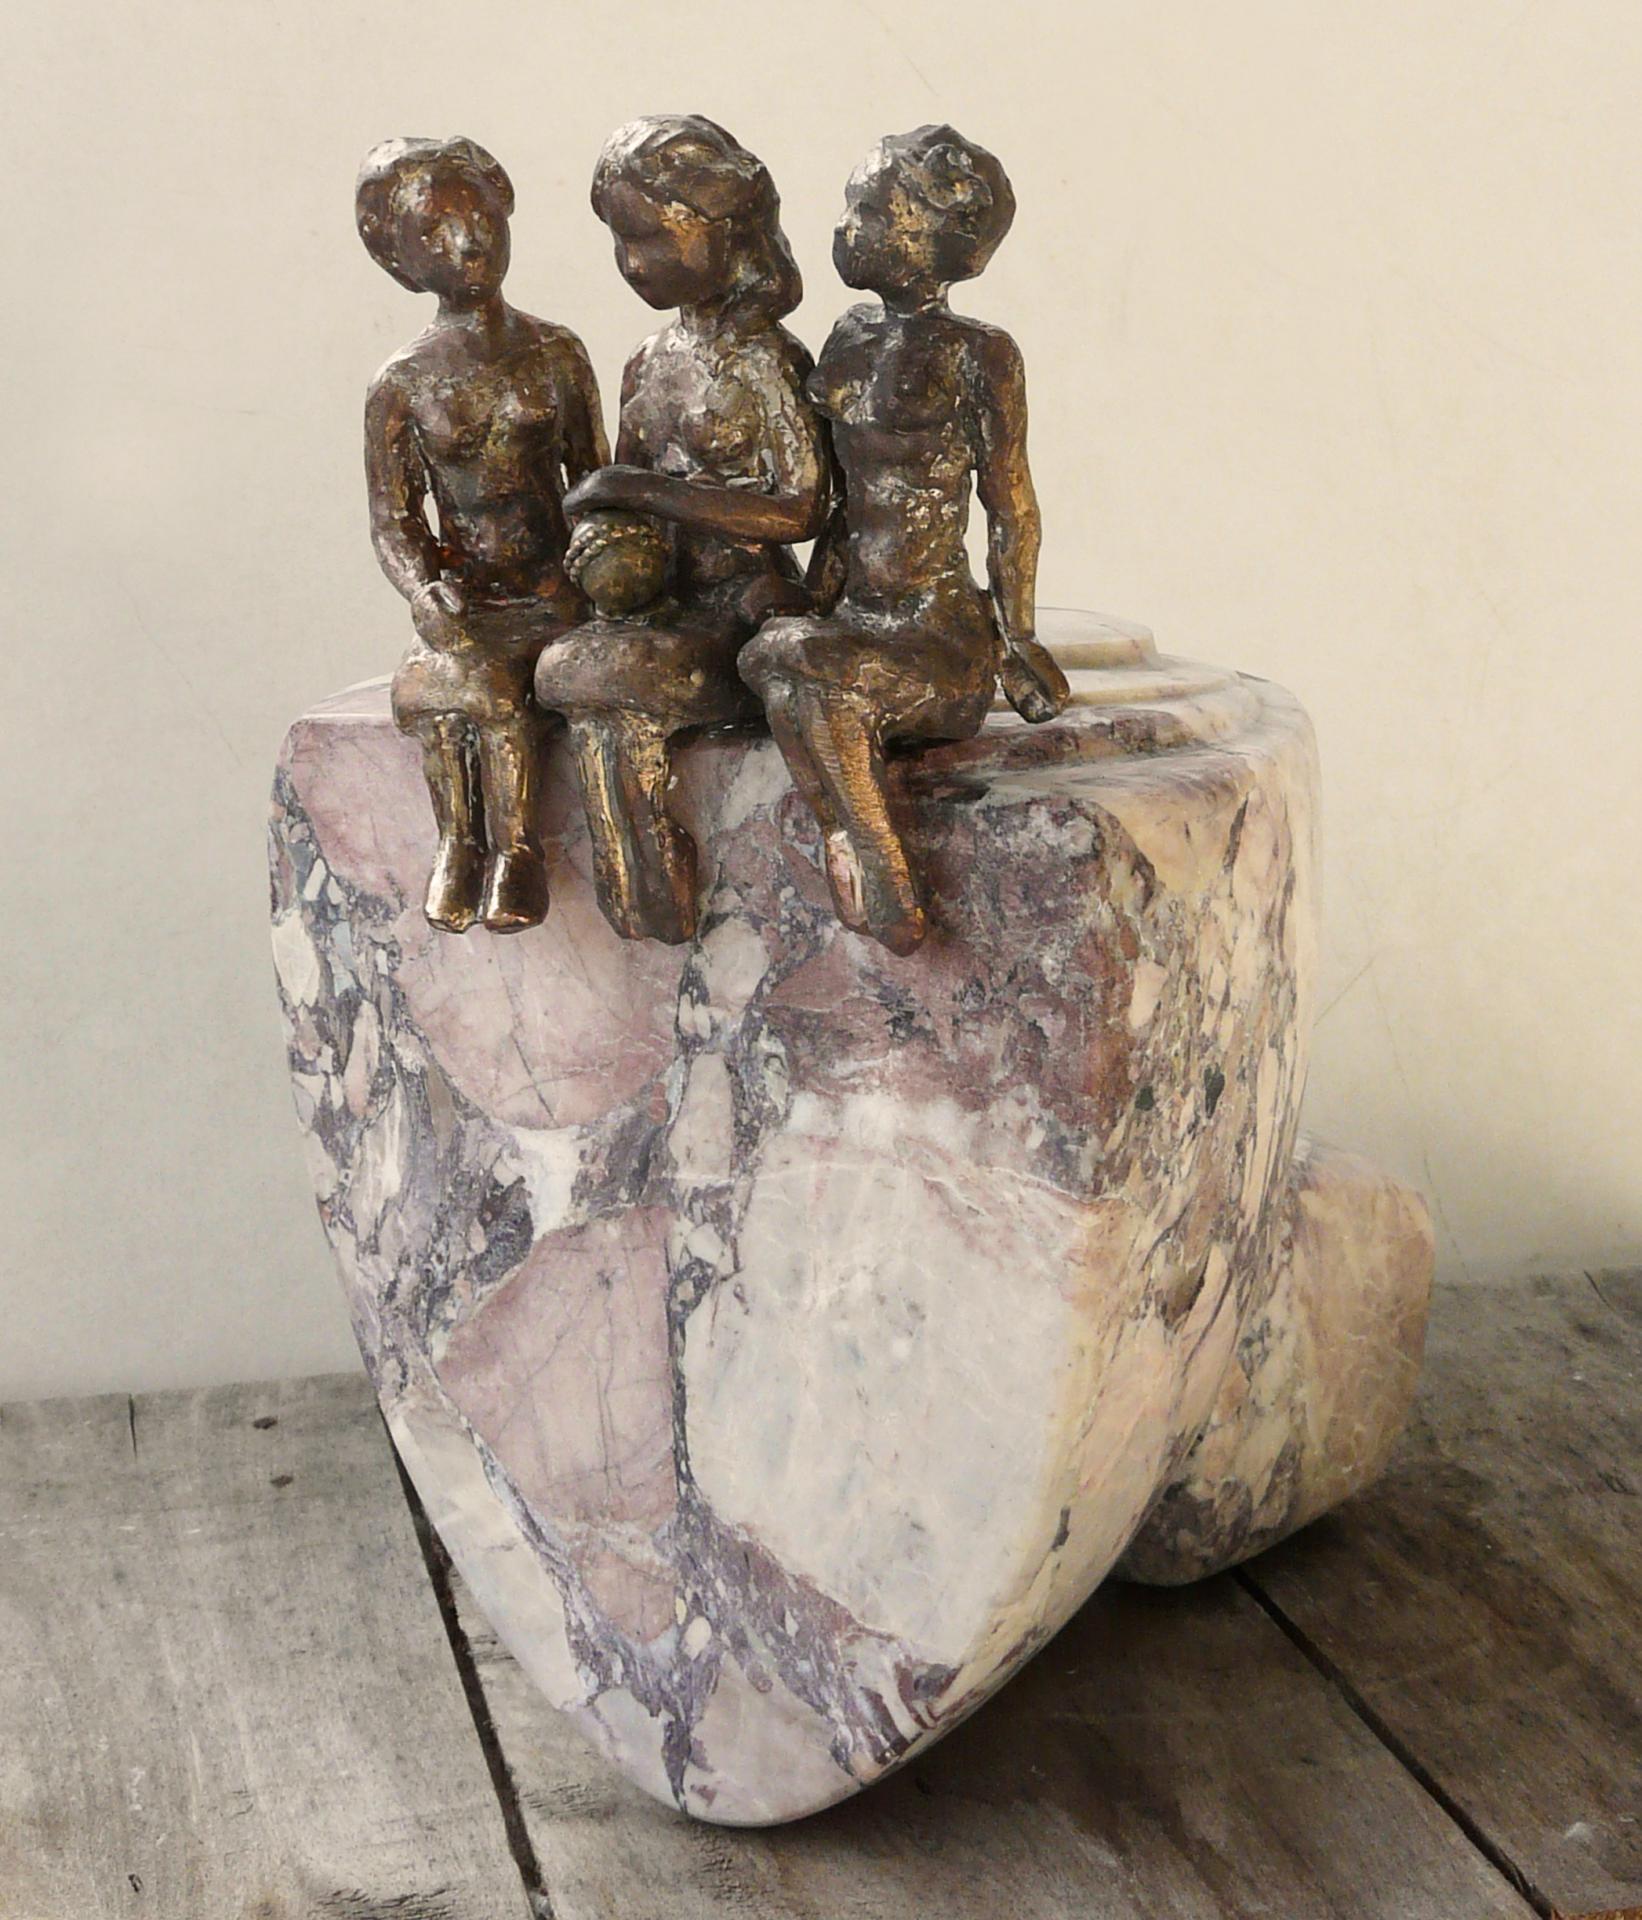 Les porteurs de rêves 4, culbuto, marbre de St Lary et bronze